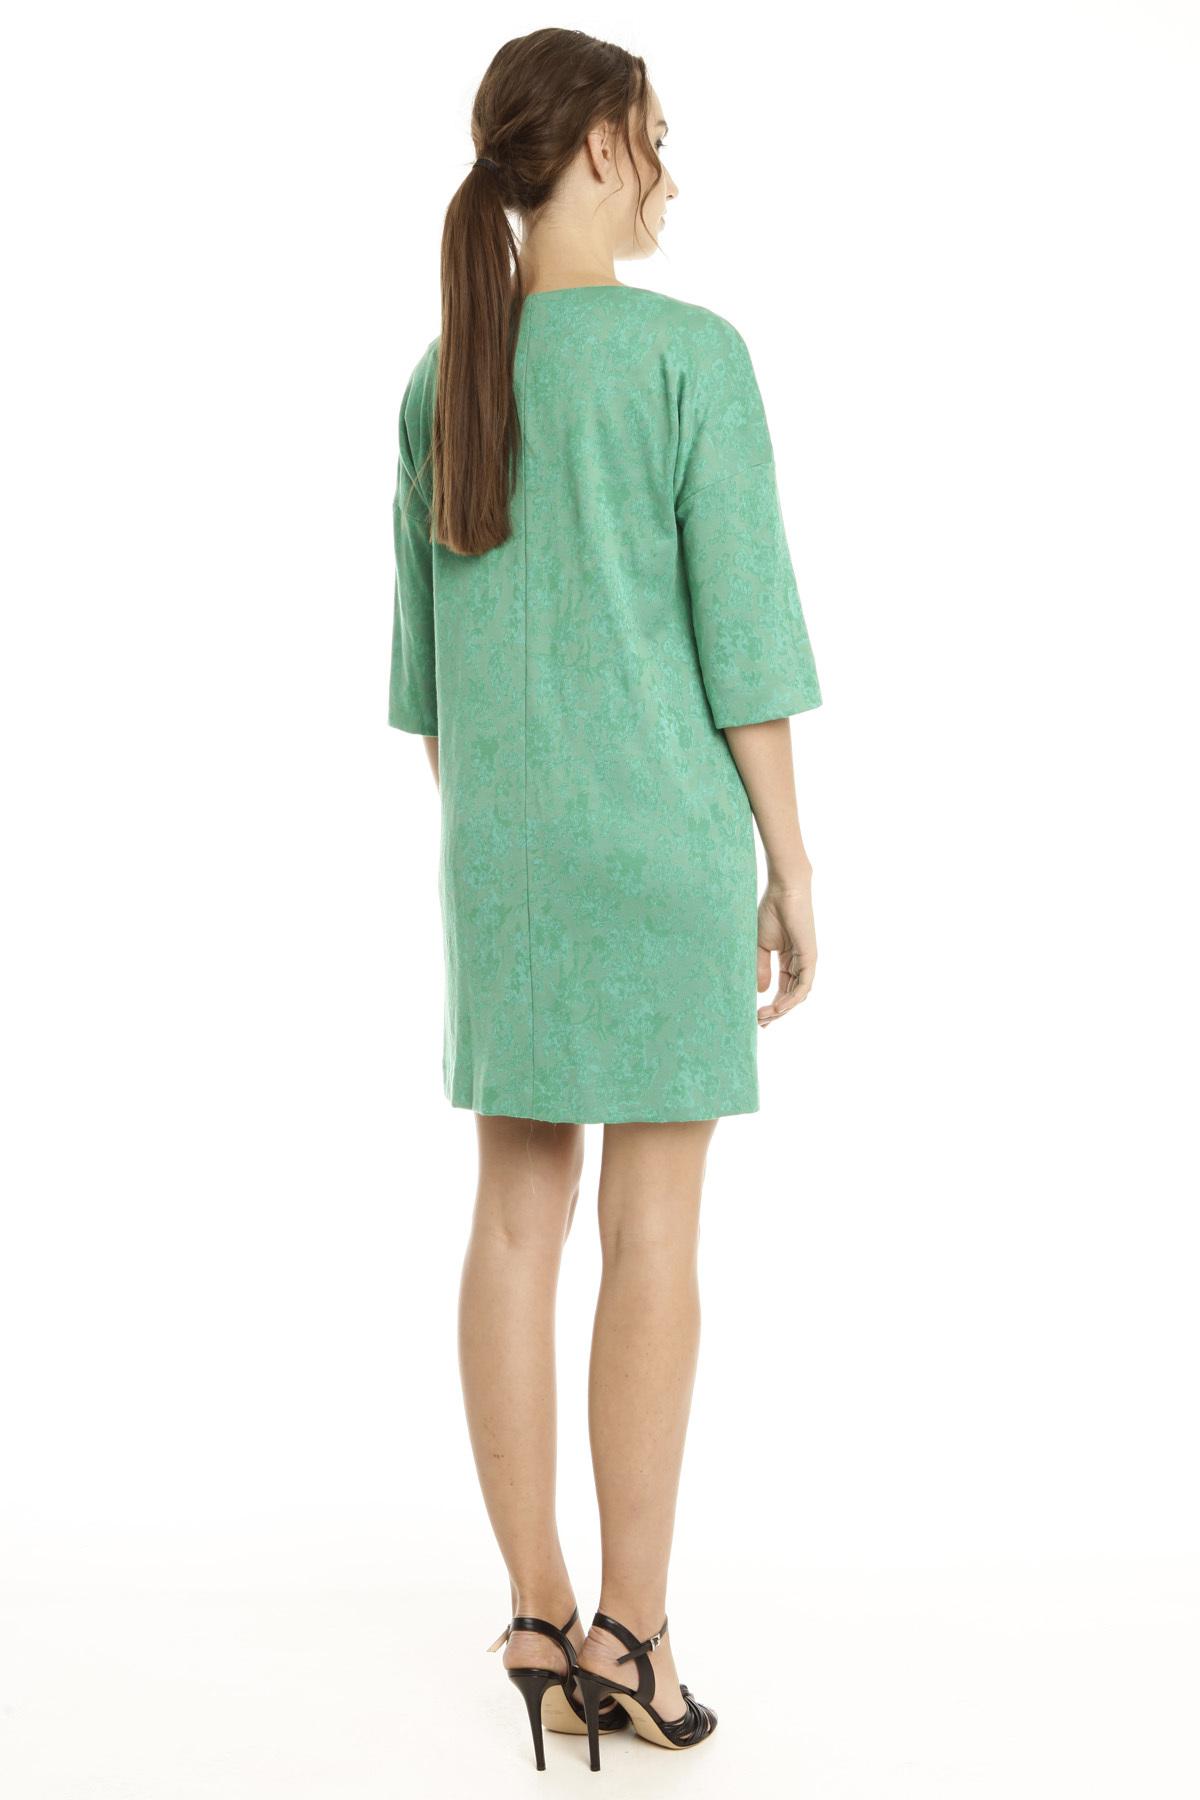 ... Abito in jersey floreale Diffusione Tessile. Home page · Abbigliamento  ...